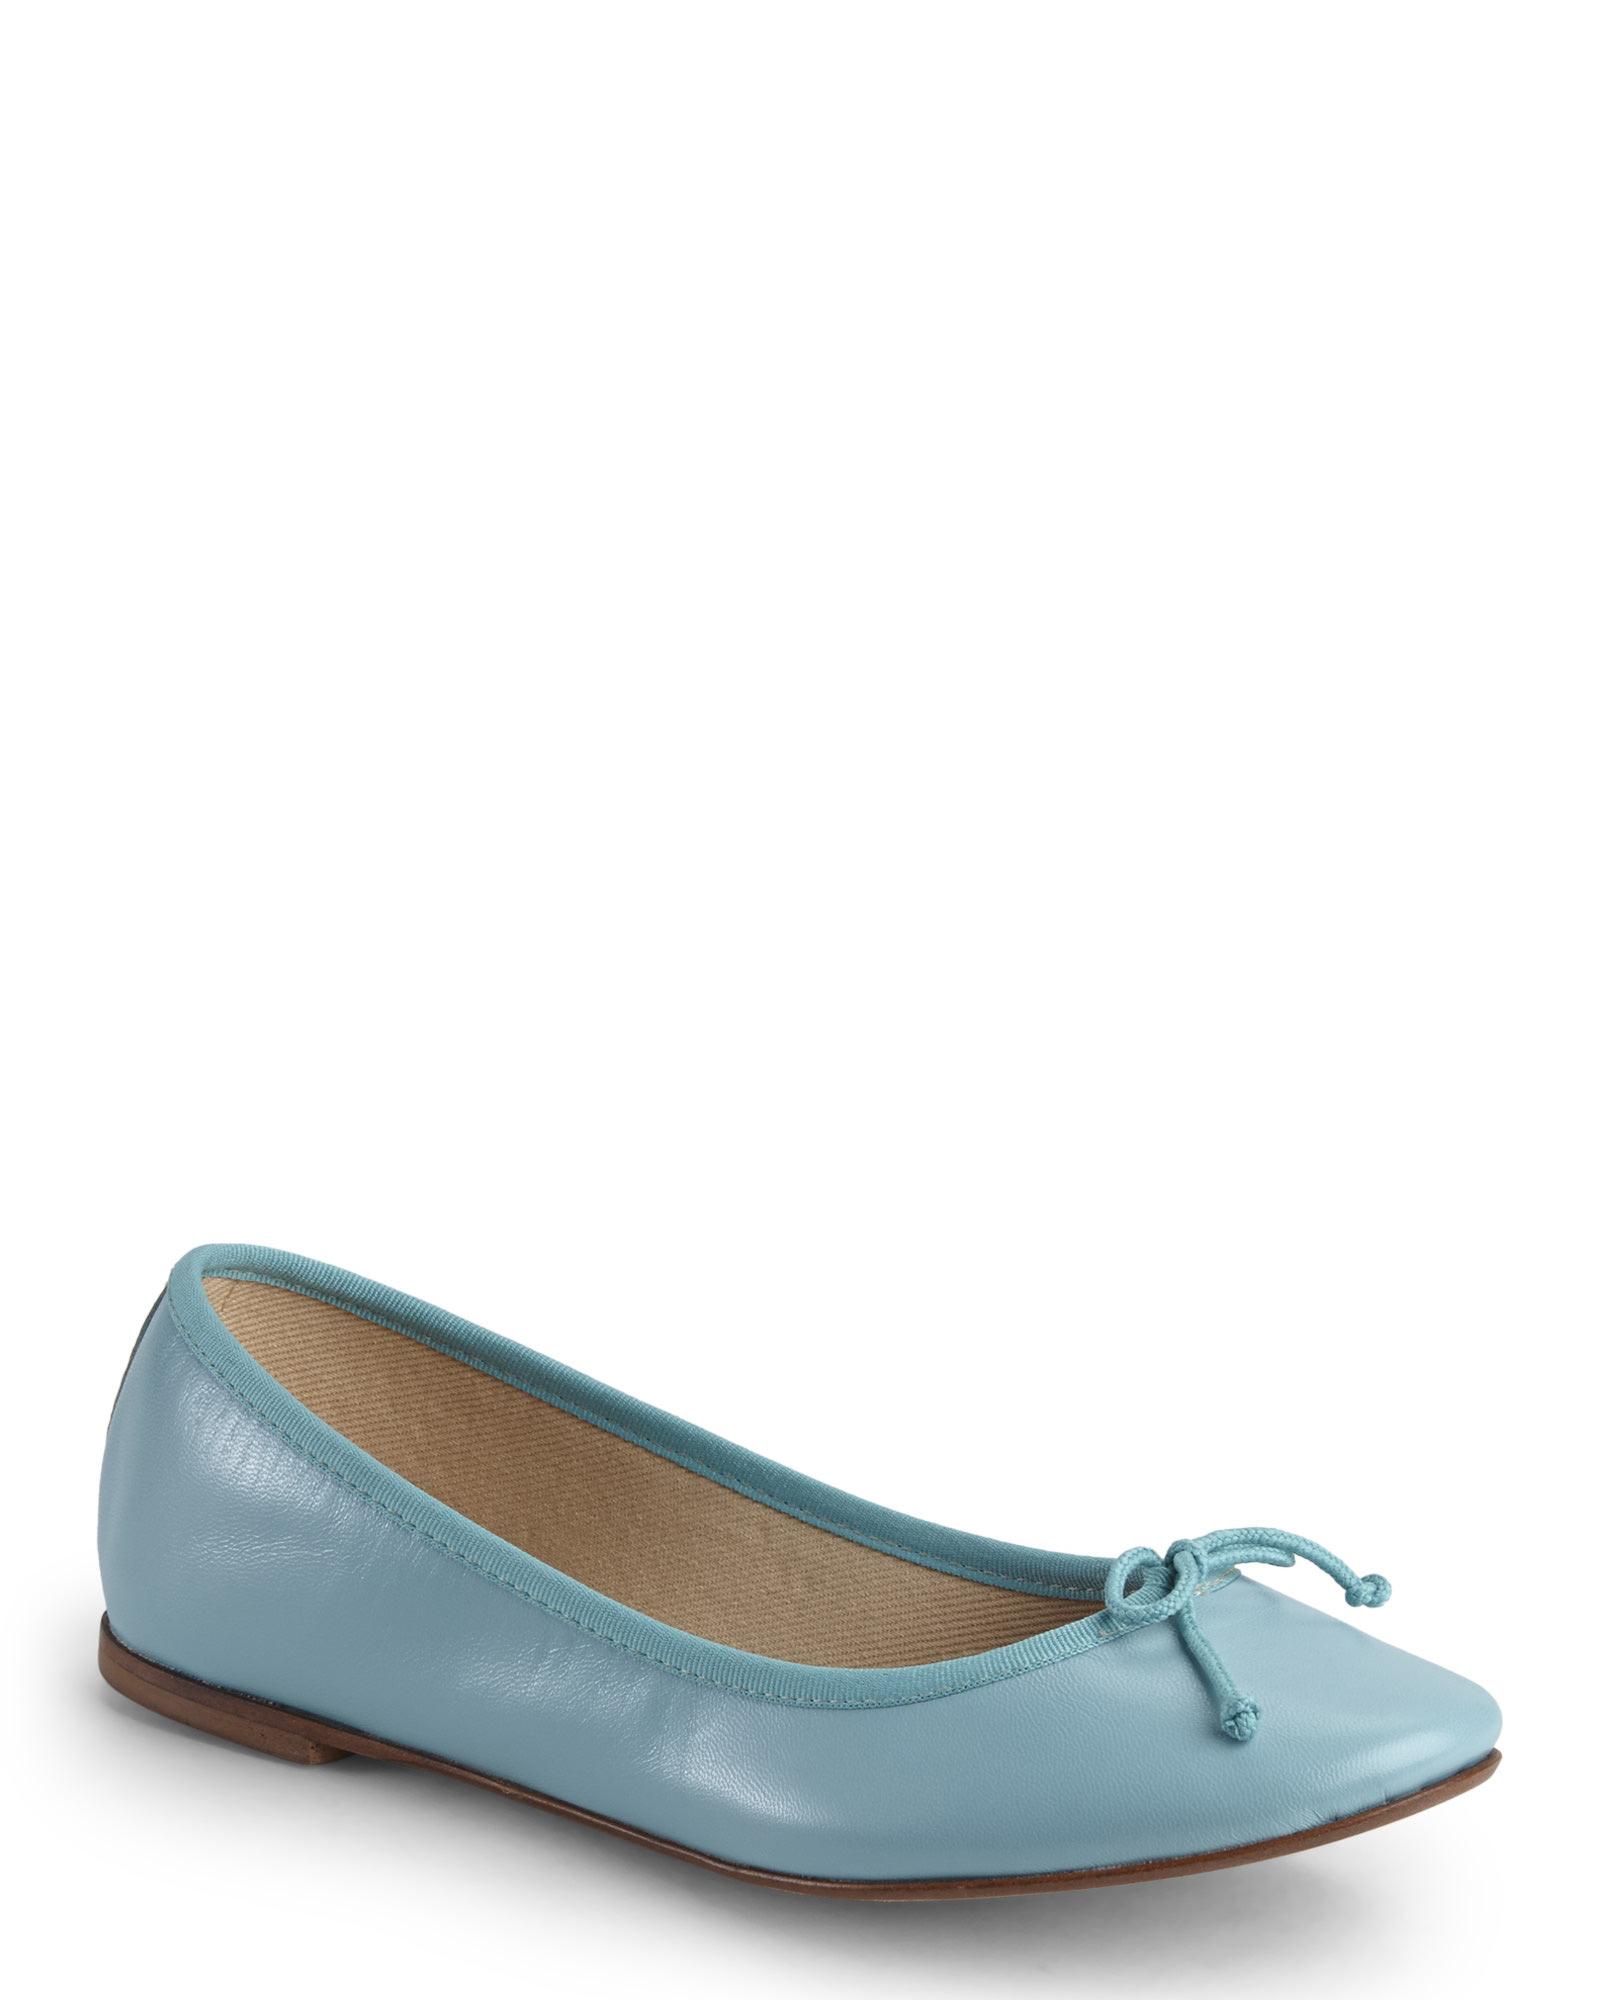 a039ff294df Lyst - L Autre Chose Light Blue Ballet Flats in Blue